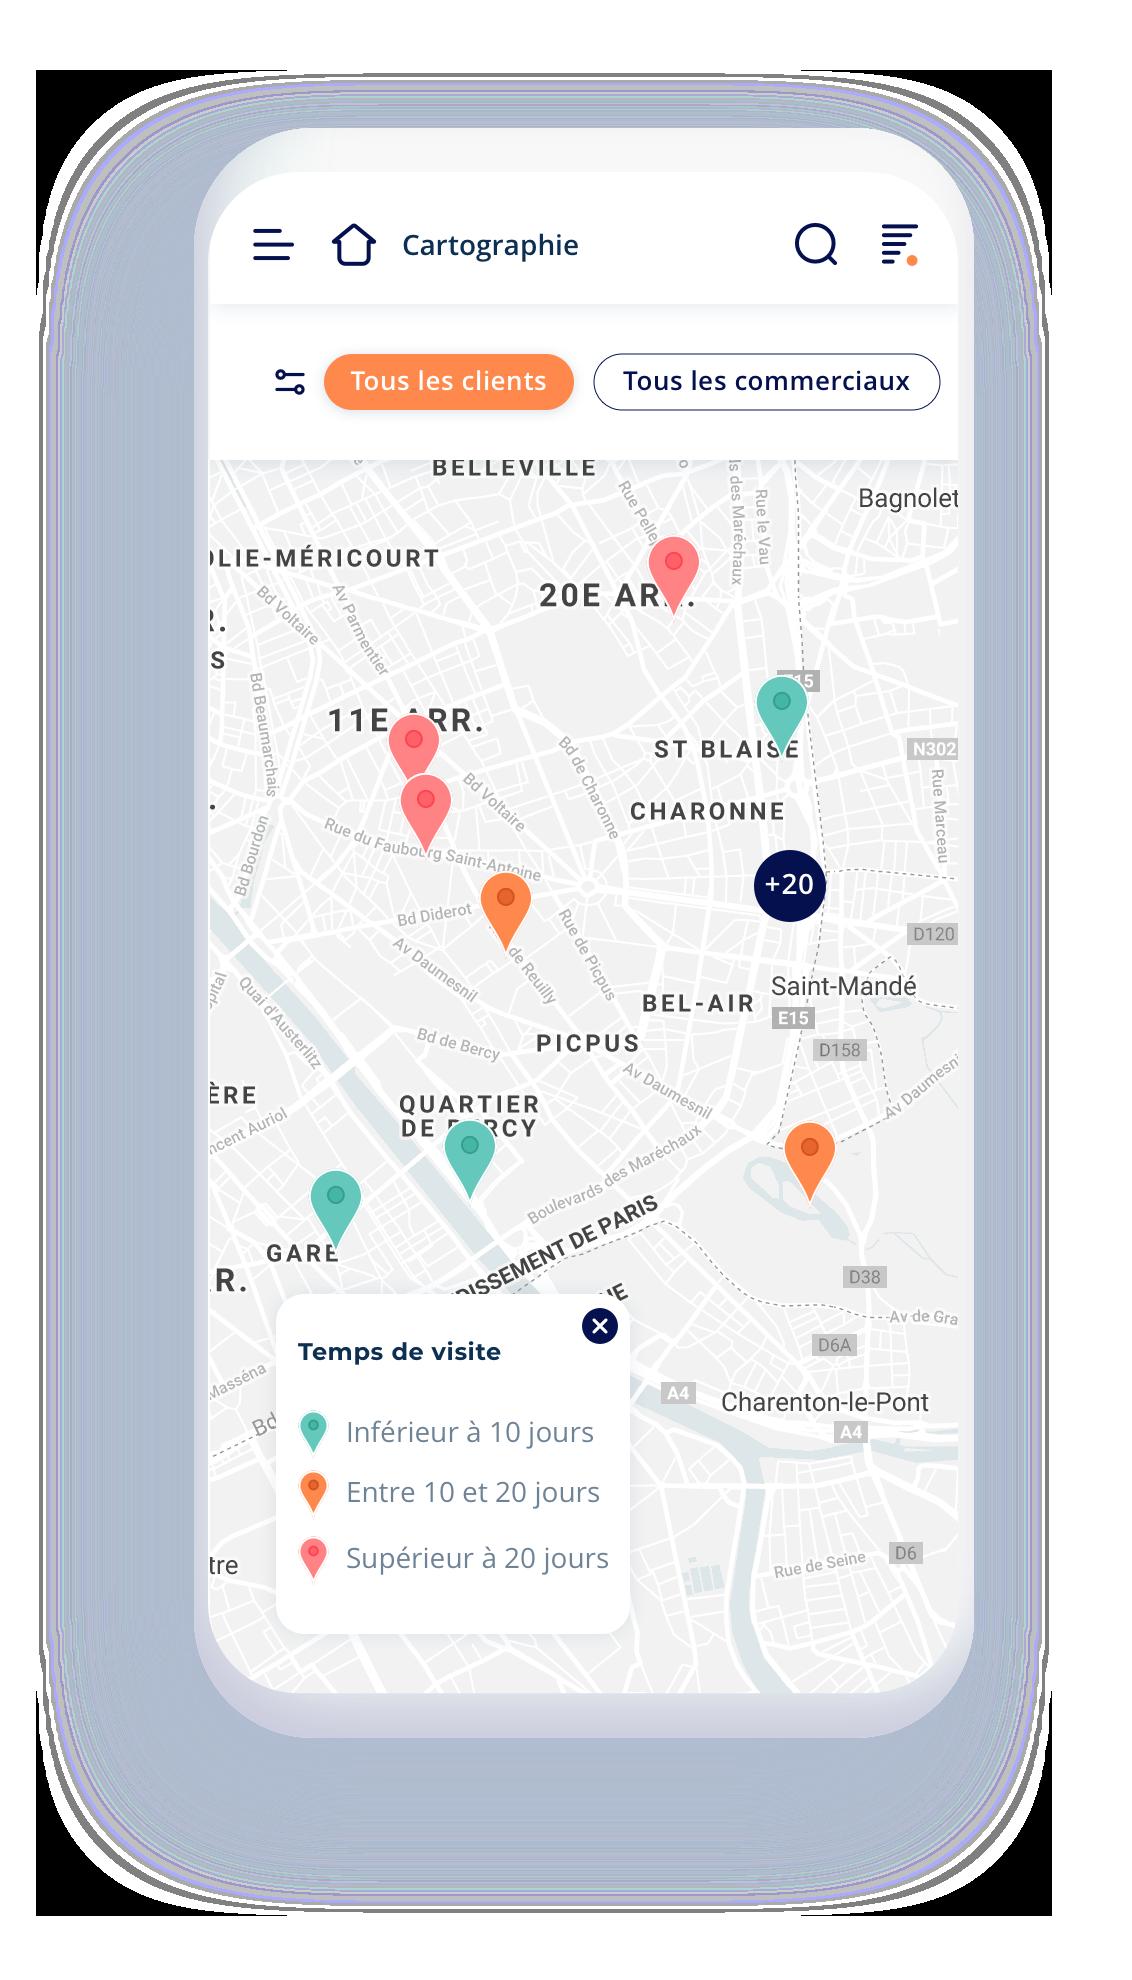 Géolocalisation et itinéraire optimisé avec Waze. Raccourcis rapides. Gestion des tournées et des rendez-vous